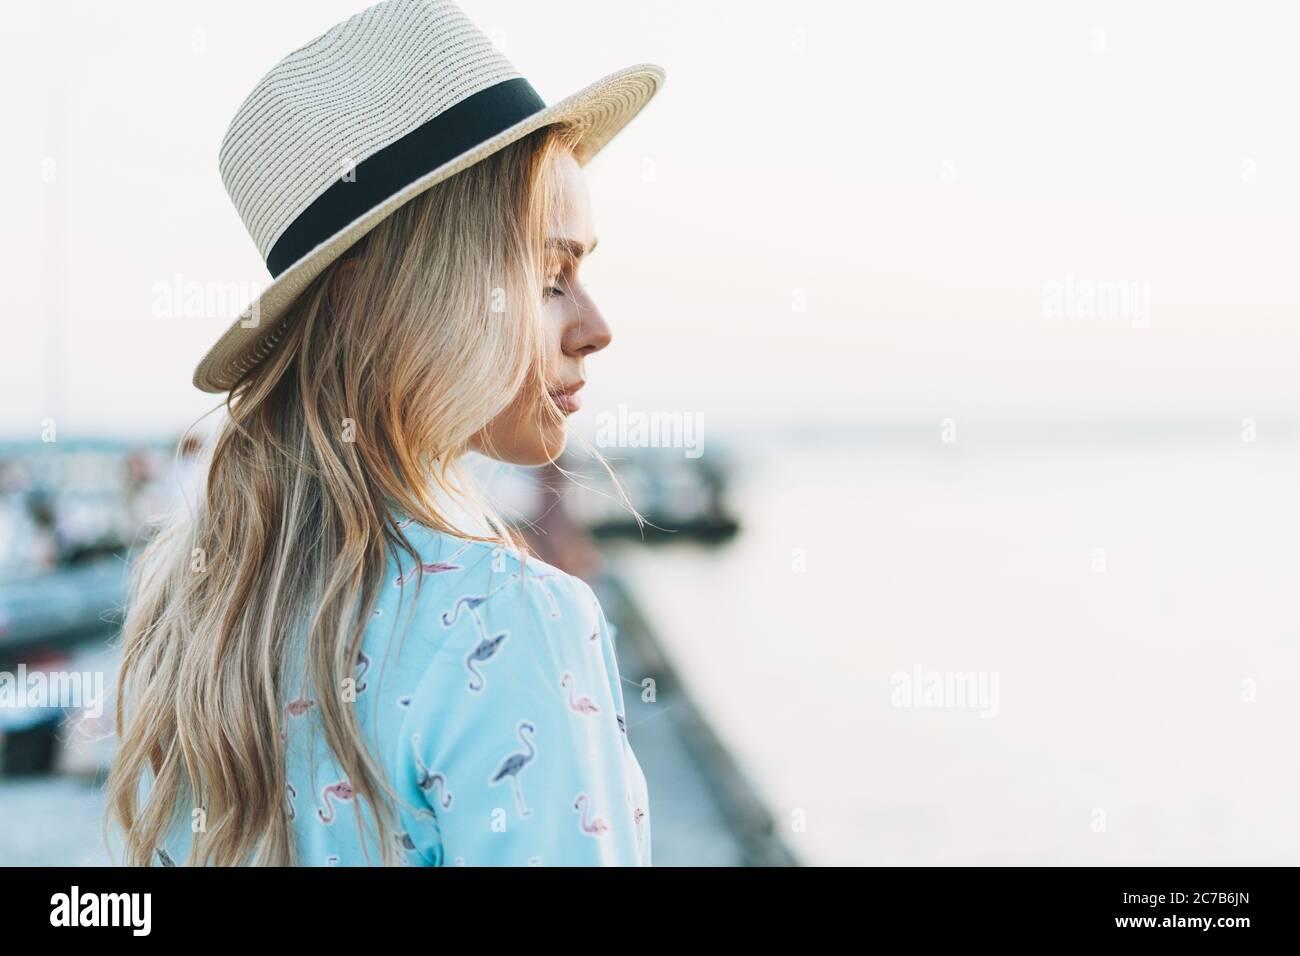 Hermosa mujer joven rubia con vestido azul y sombrero de paja en el muelle al atardecer Foto de stock